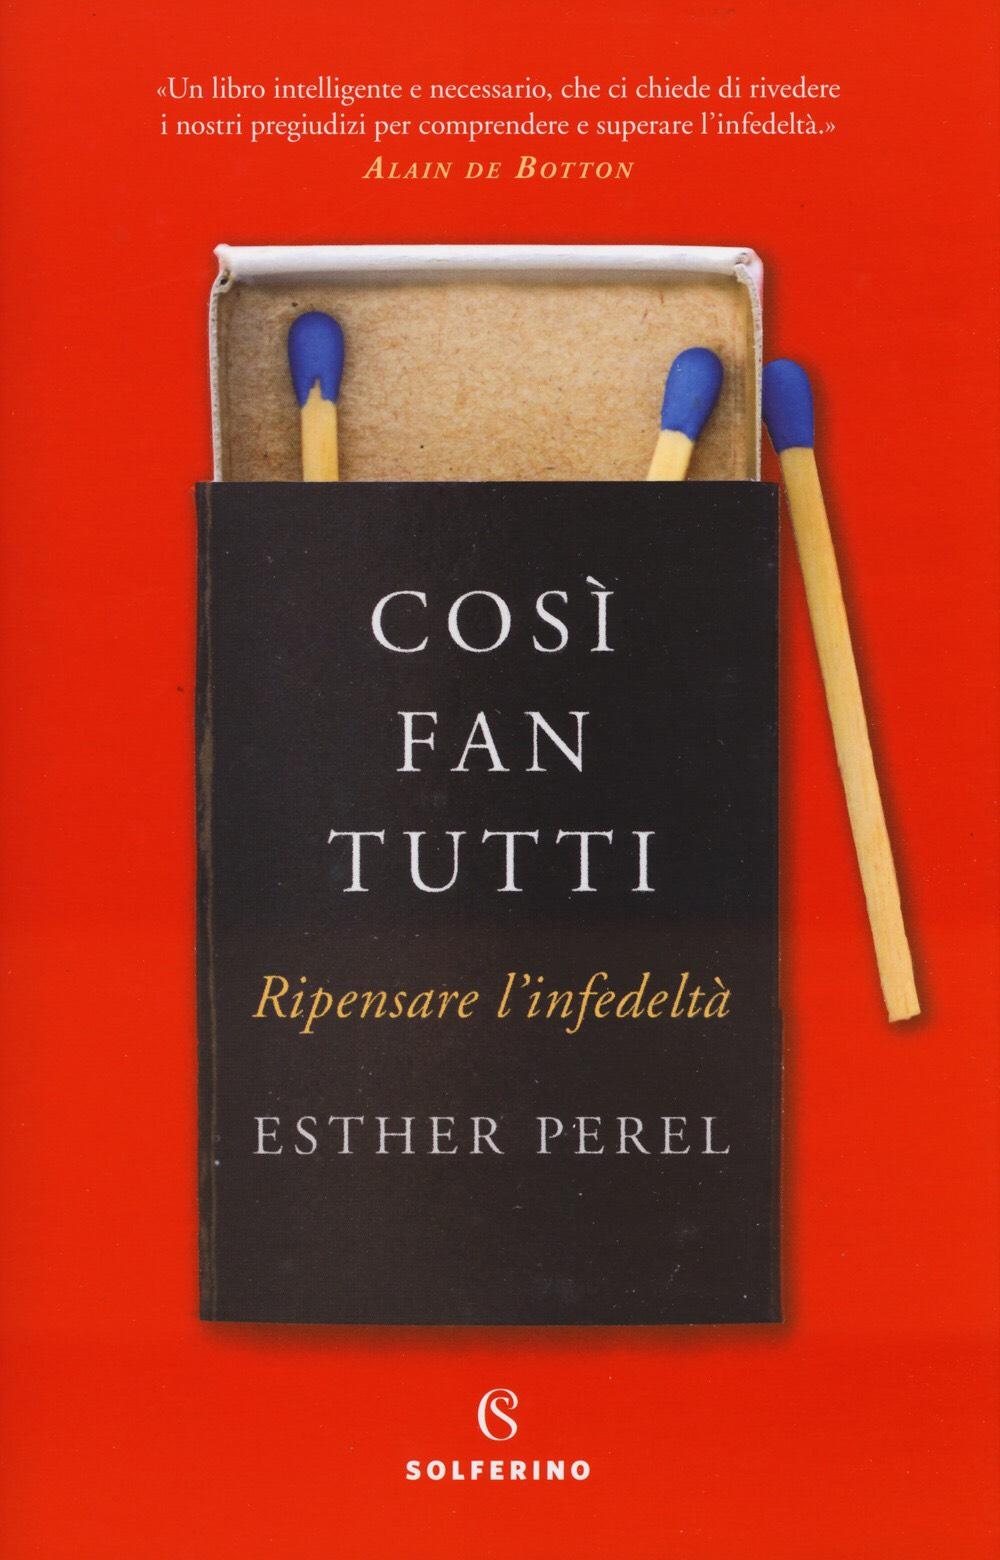 Così fan tutti – Esther Perel